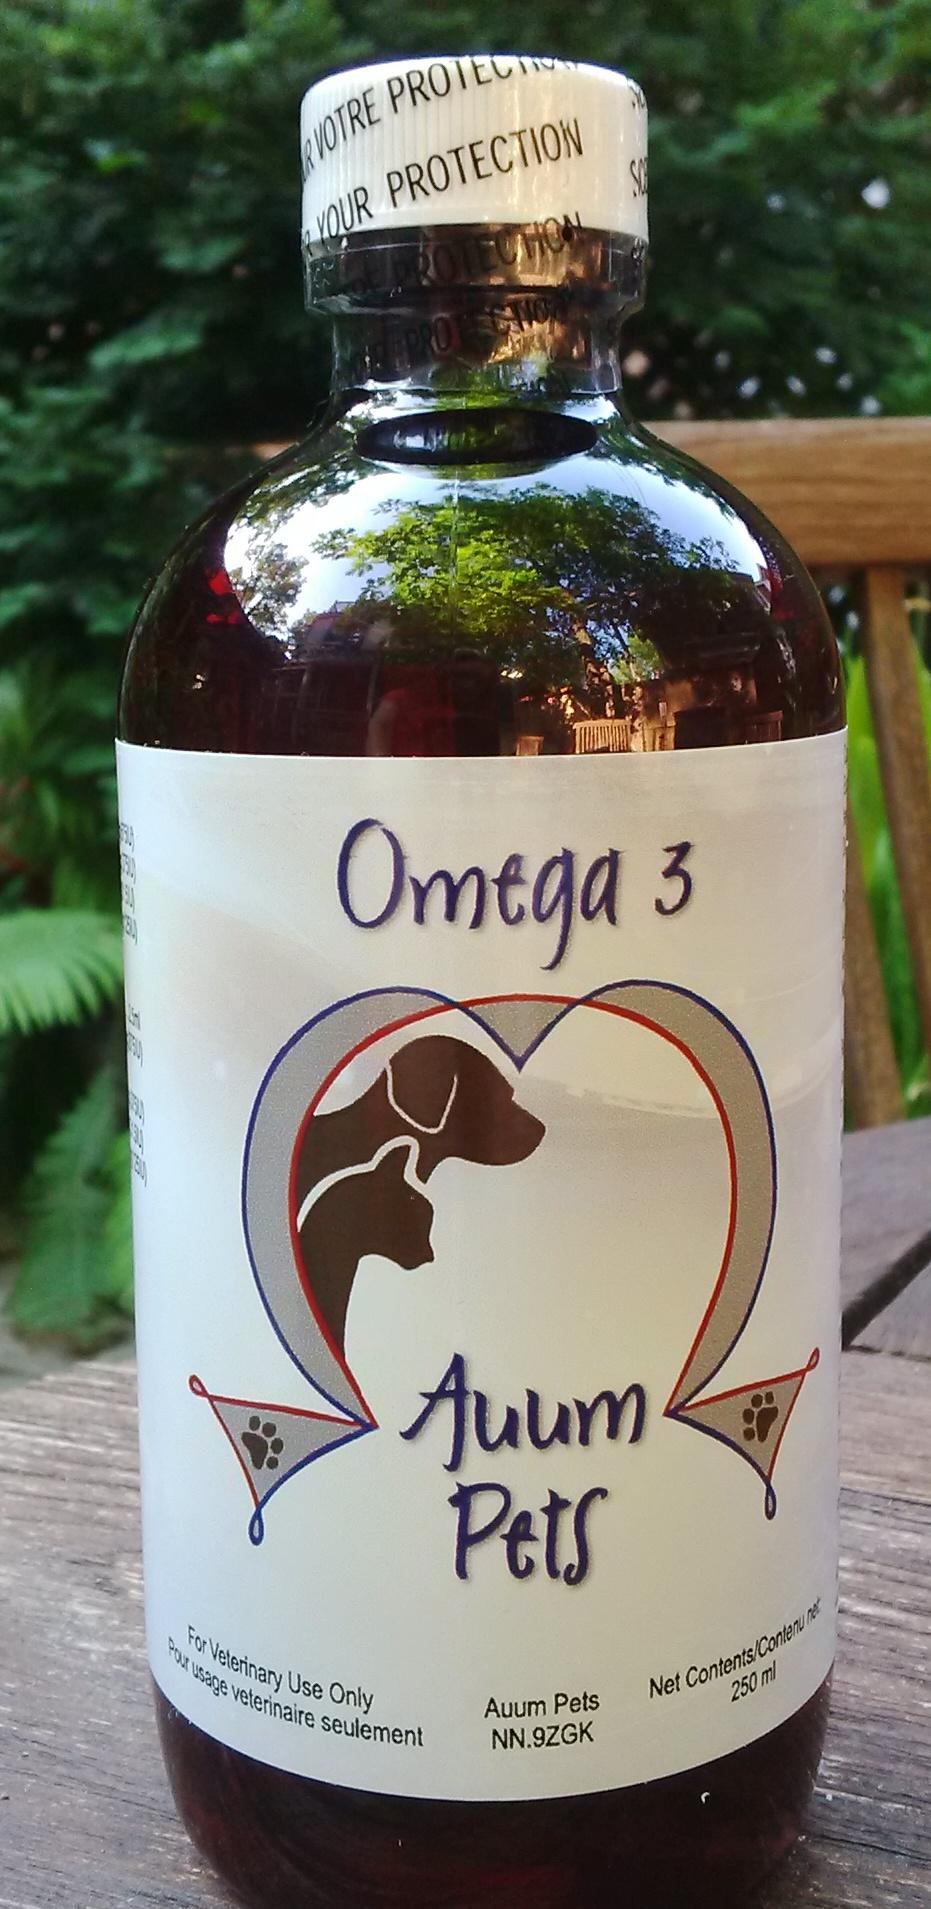 Auum Omega 3 for Pets NN.9ZGK